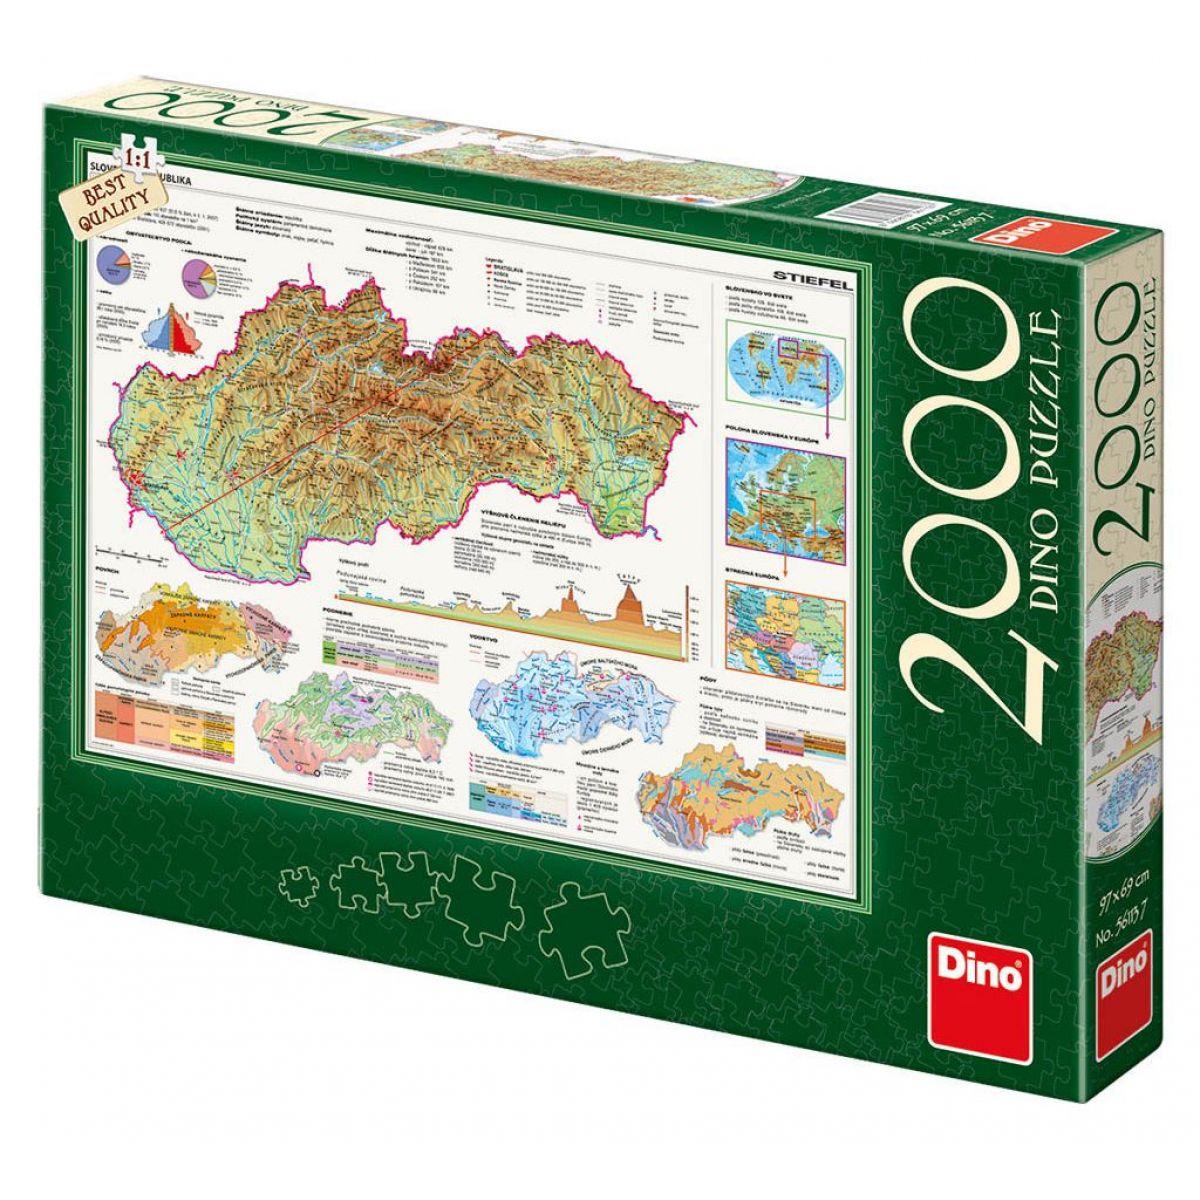 Dino Mapy Slovenska puzzle 2000 dielikov